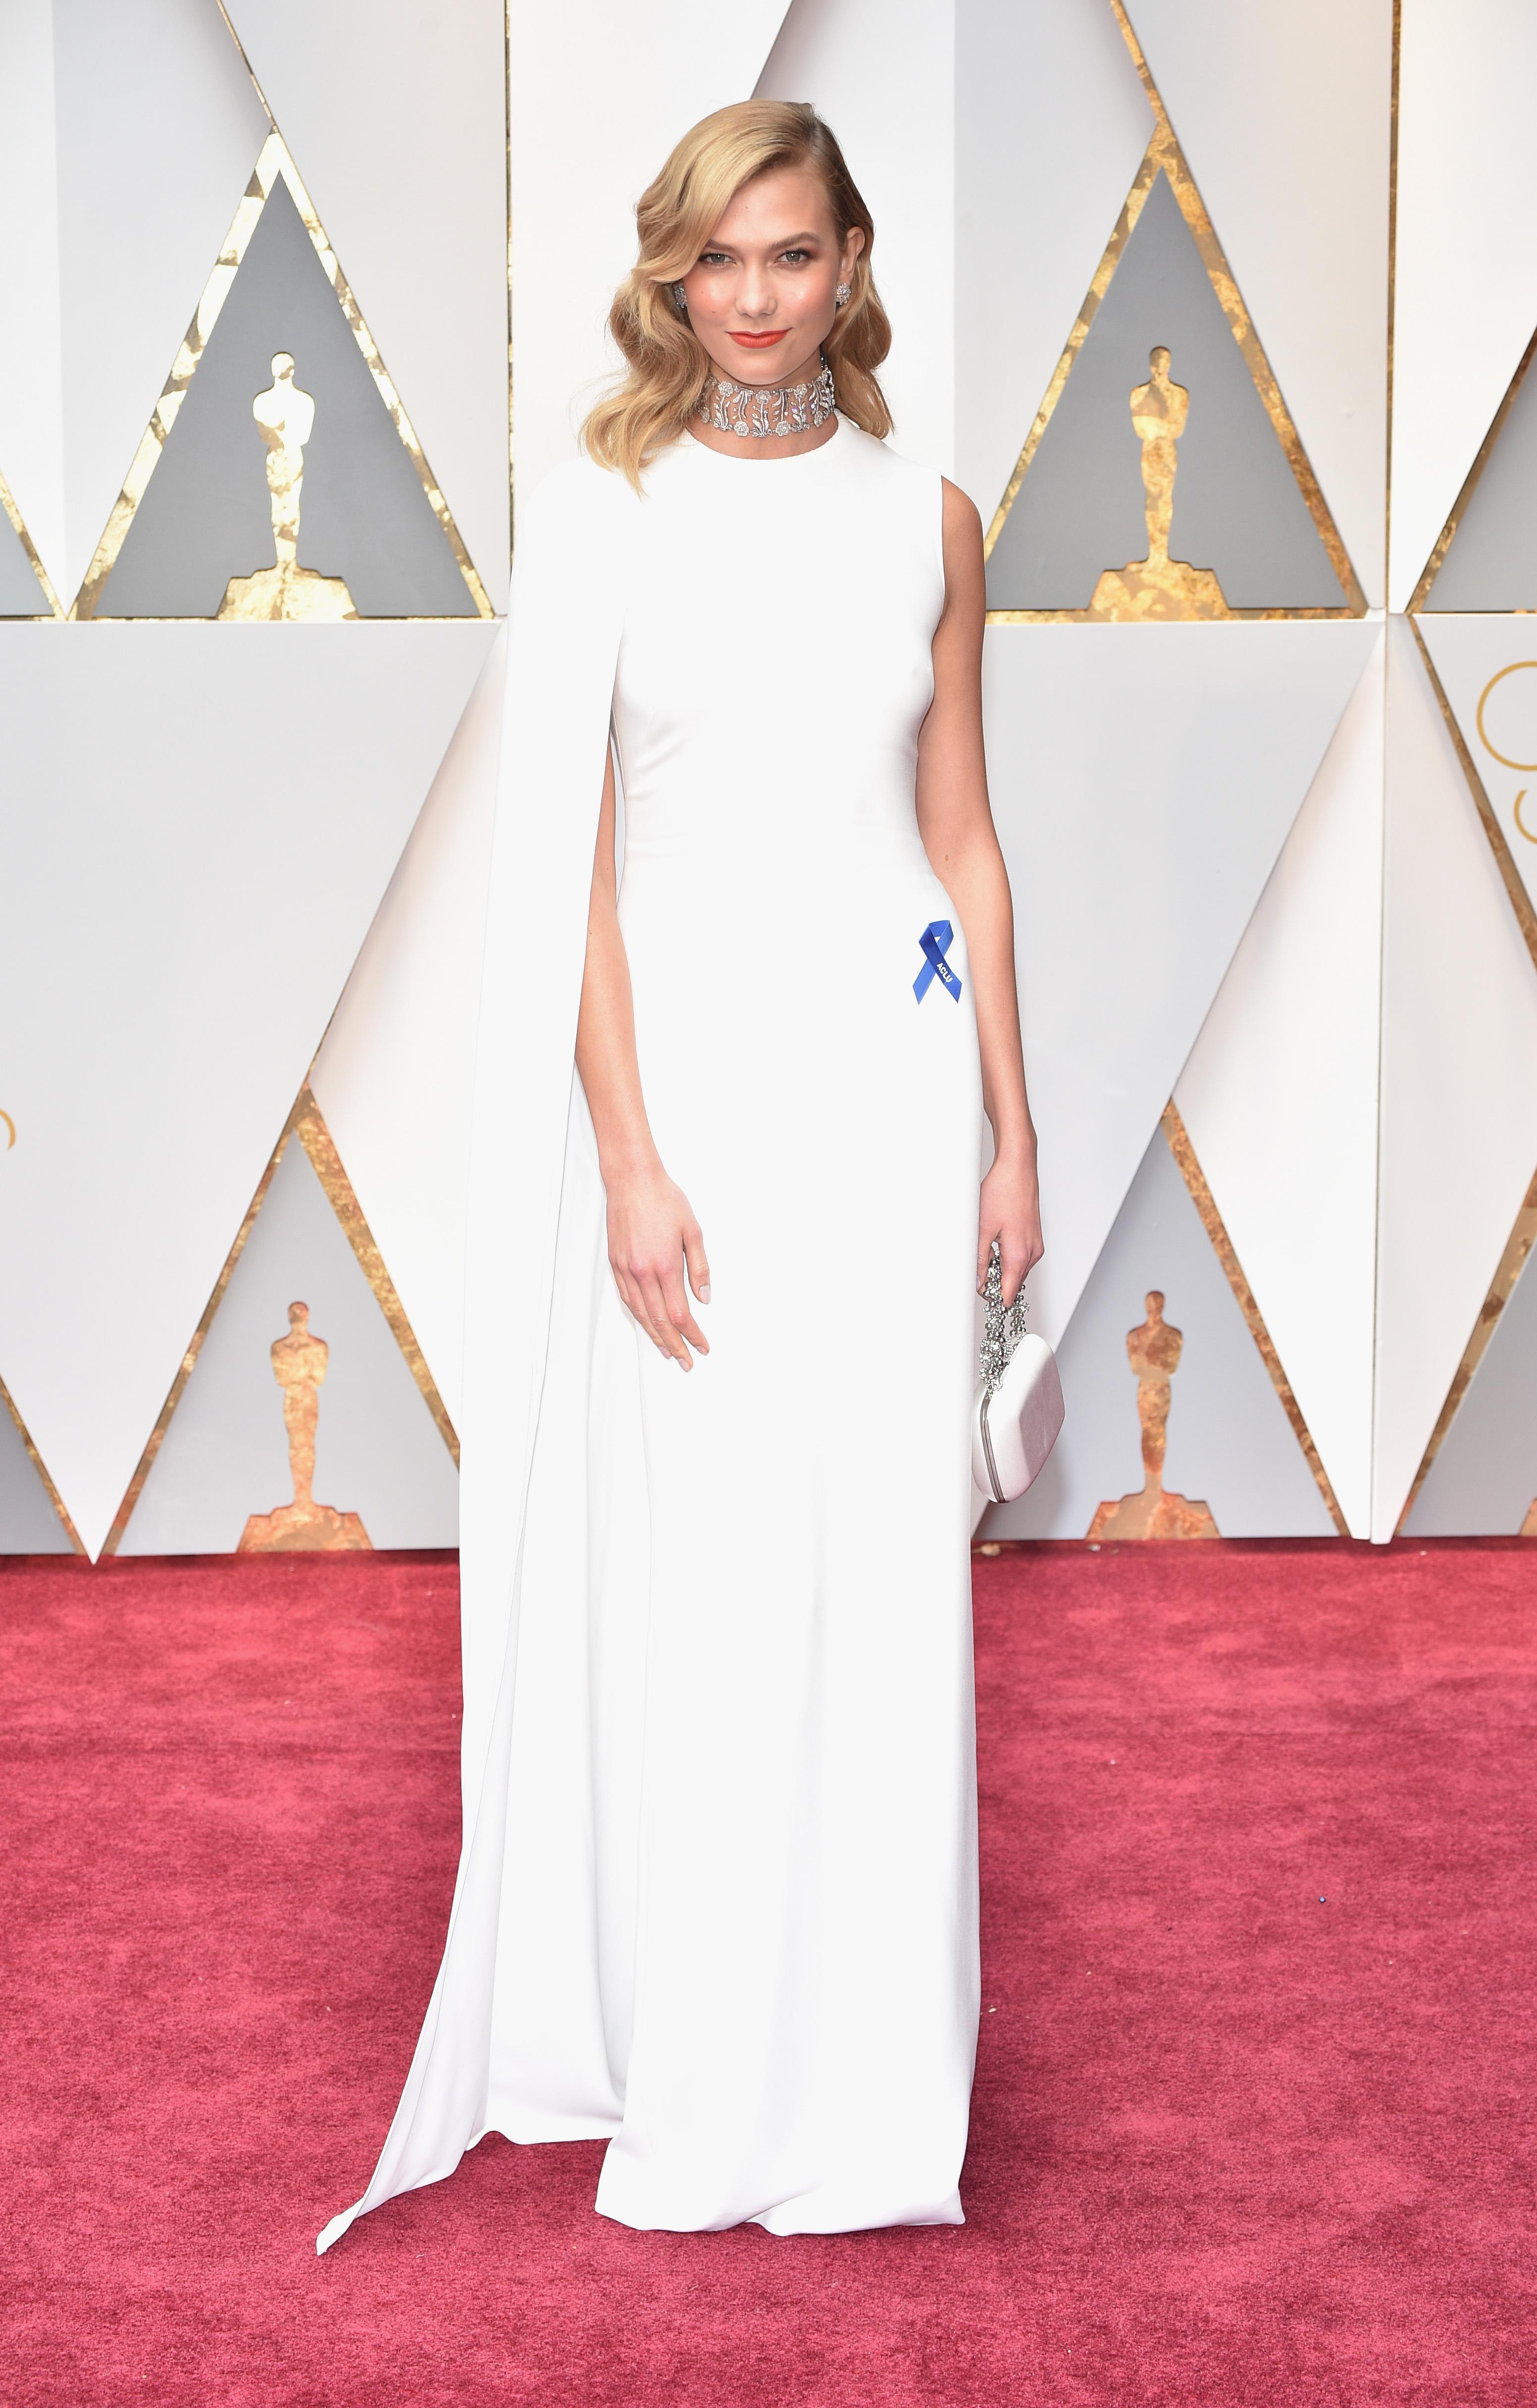 Karlie Kloss 2017 OscarsRed Carpet